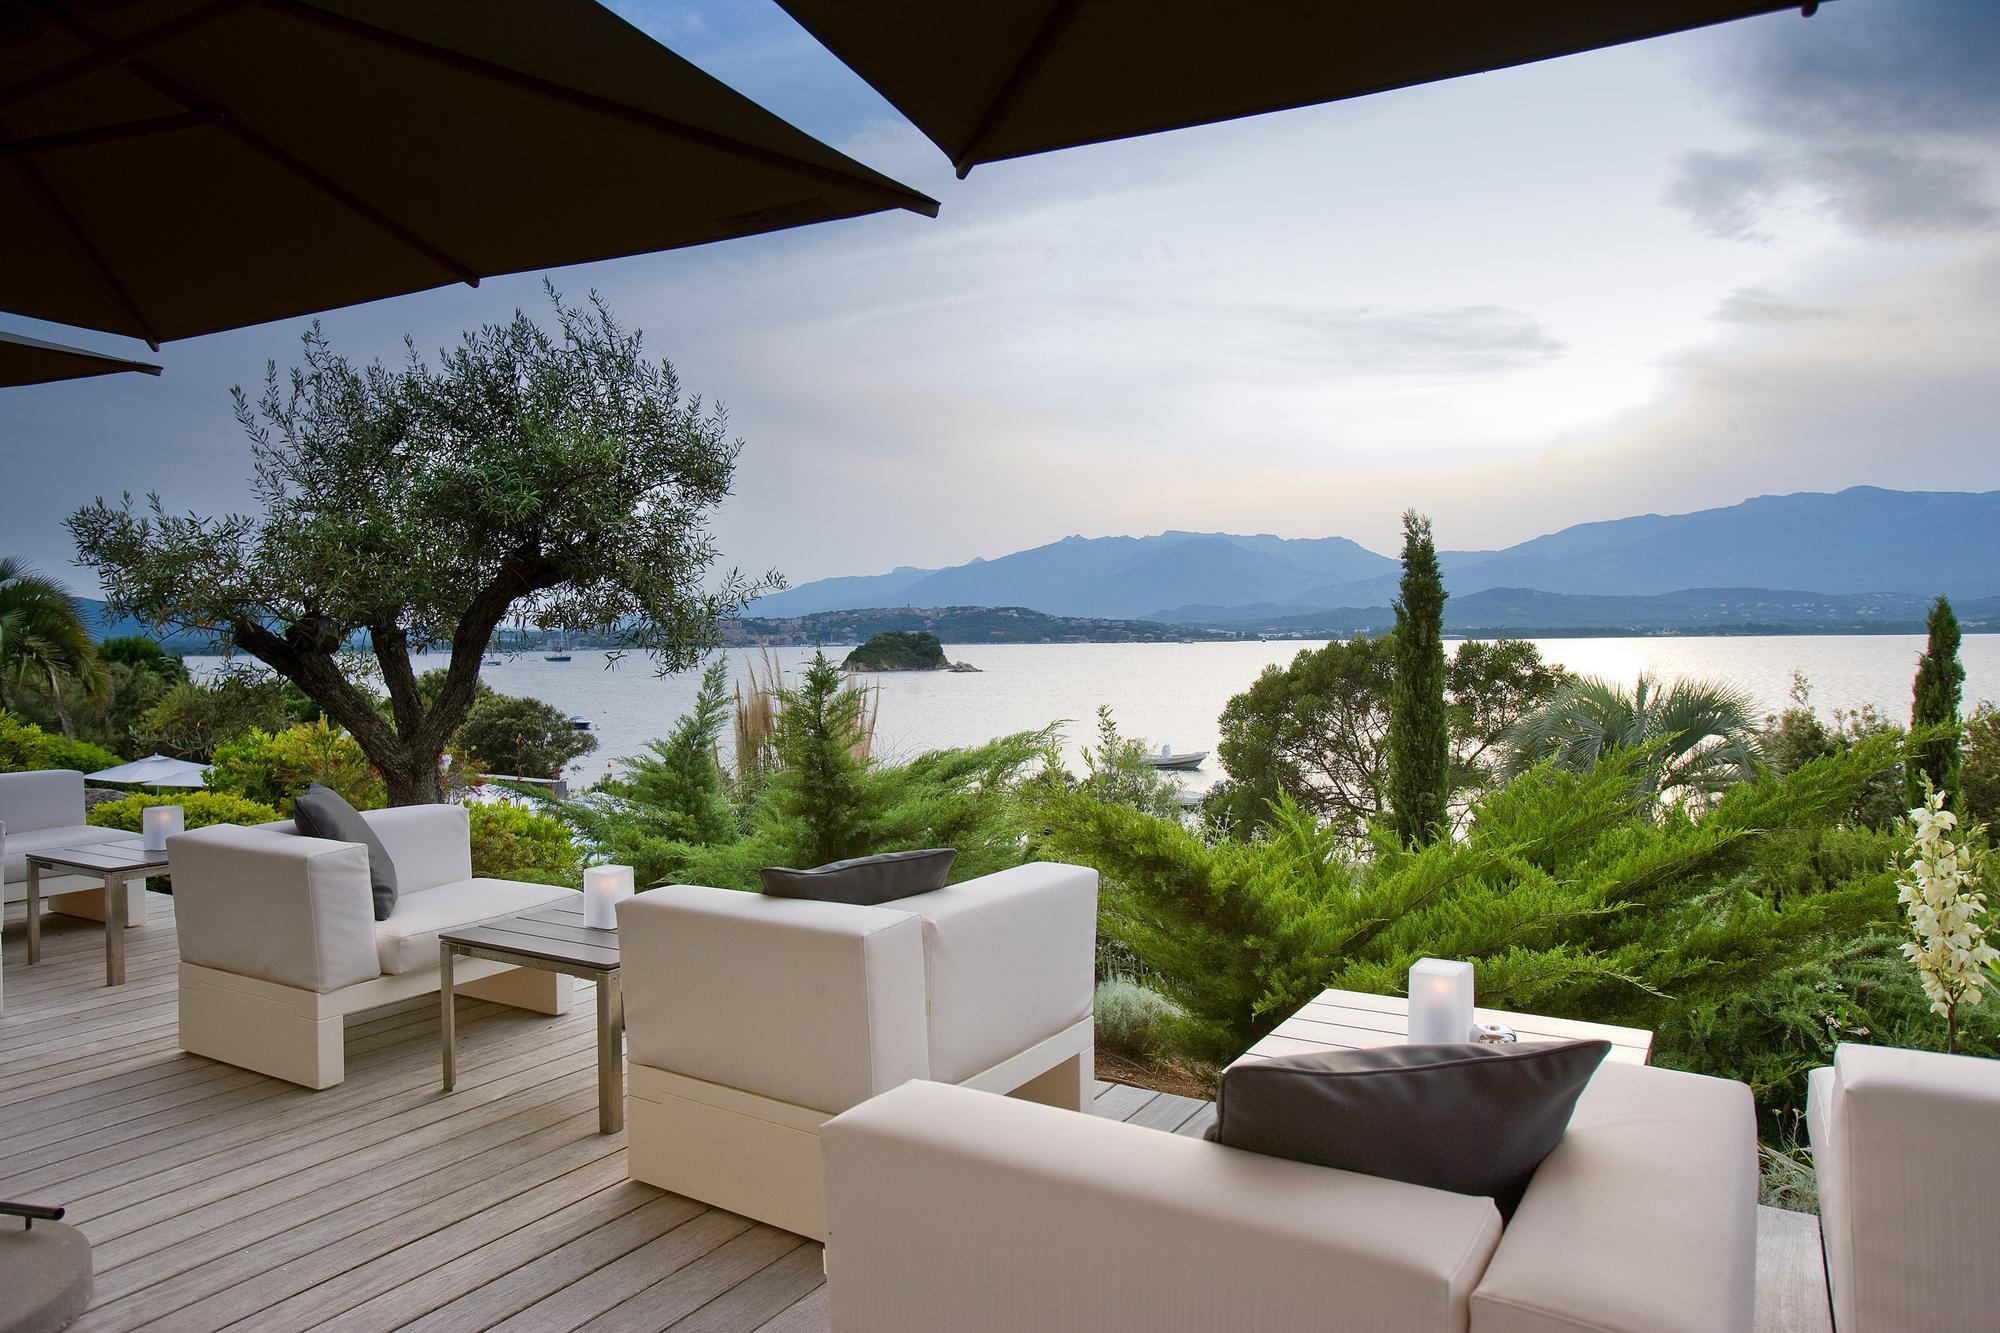 casadelmar-hotel-jean-fran-ois-bodin_terrasse_2